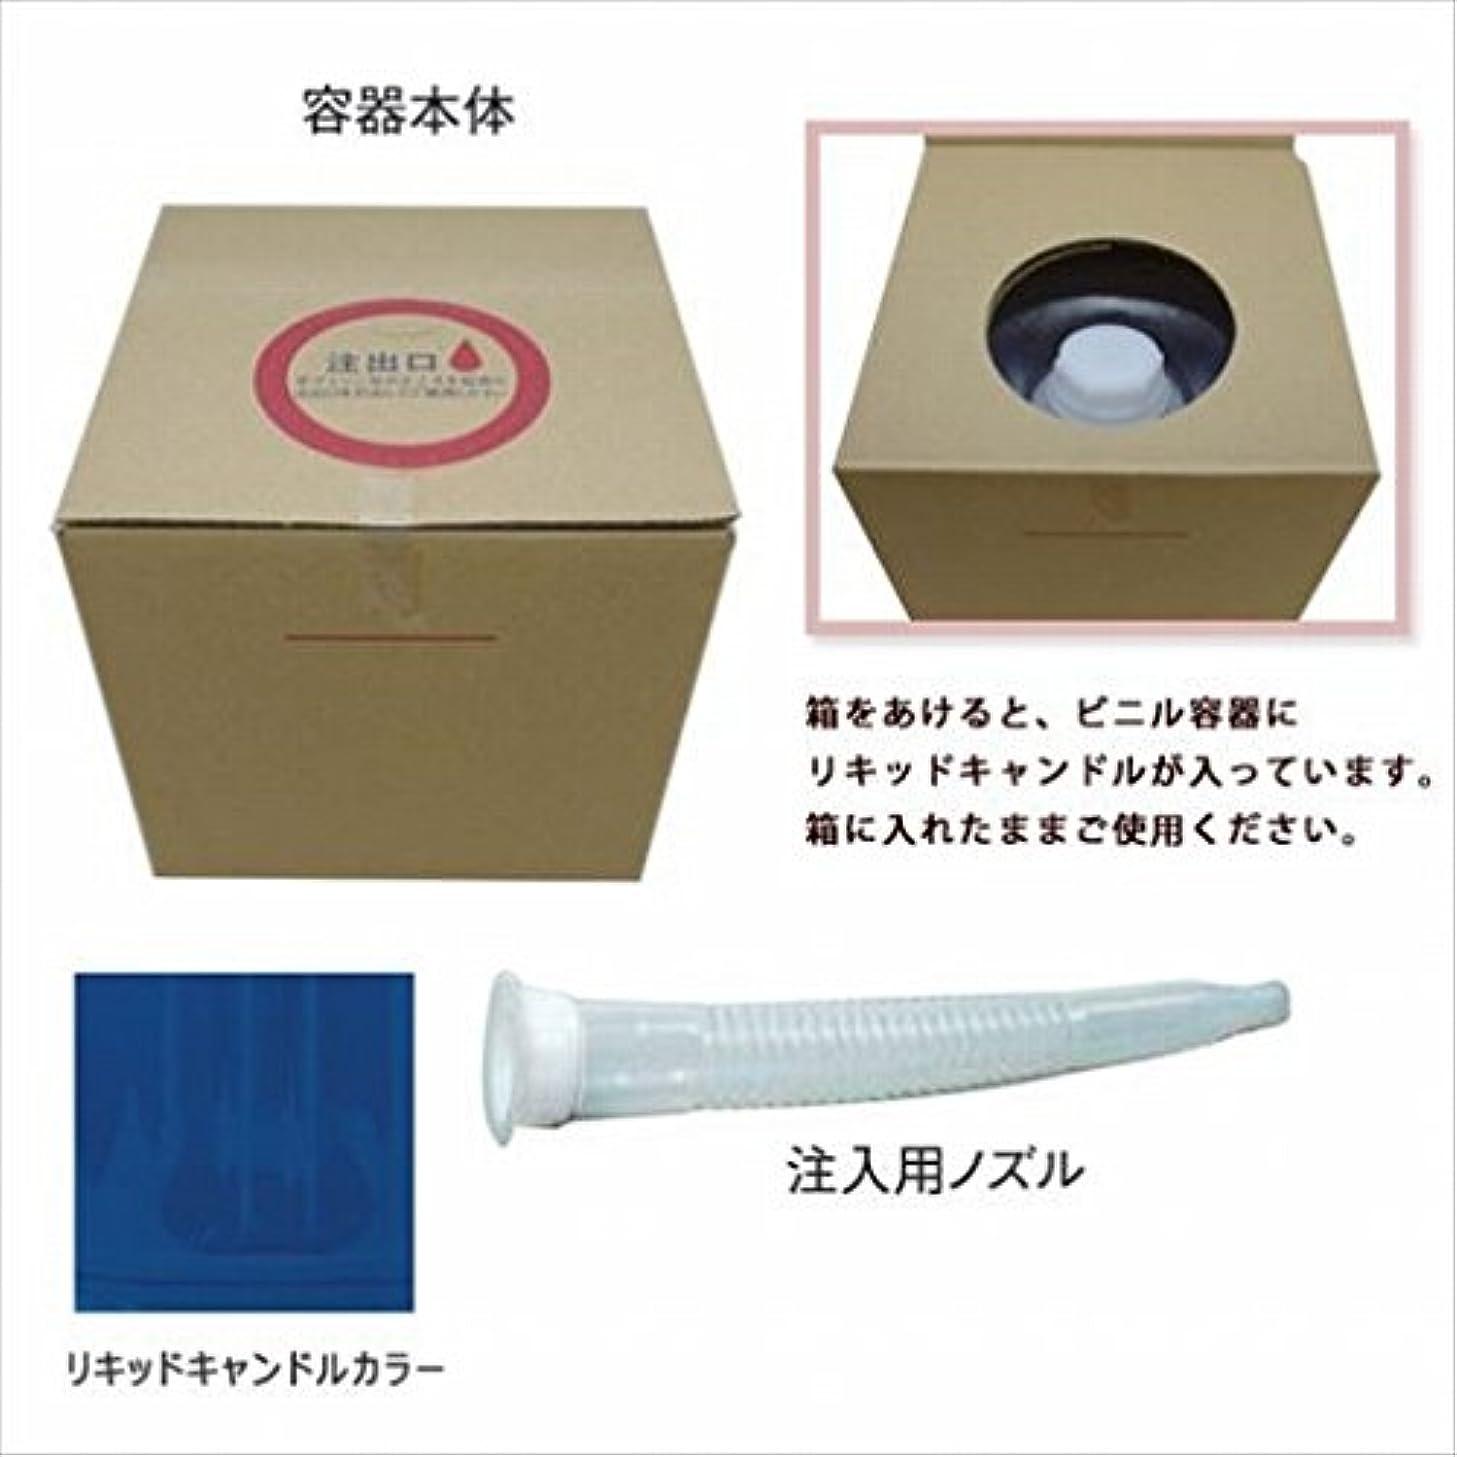 近代化代替ビットカメヤマキャンドル( kameyama candle ) リキッドキャンドル5リットル 「 ブルー 」